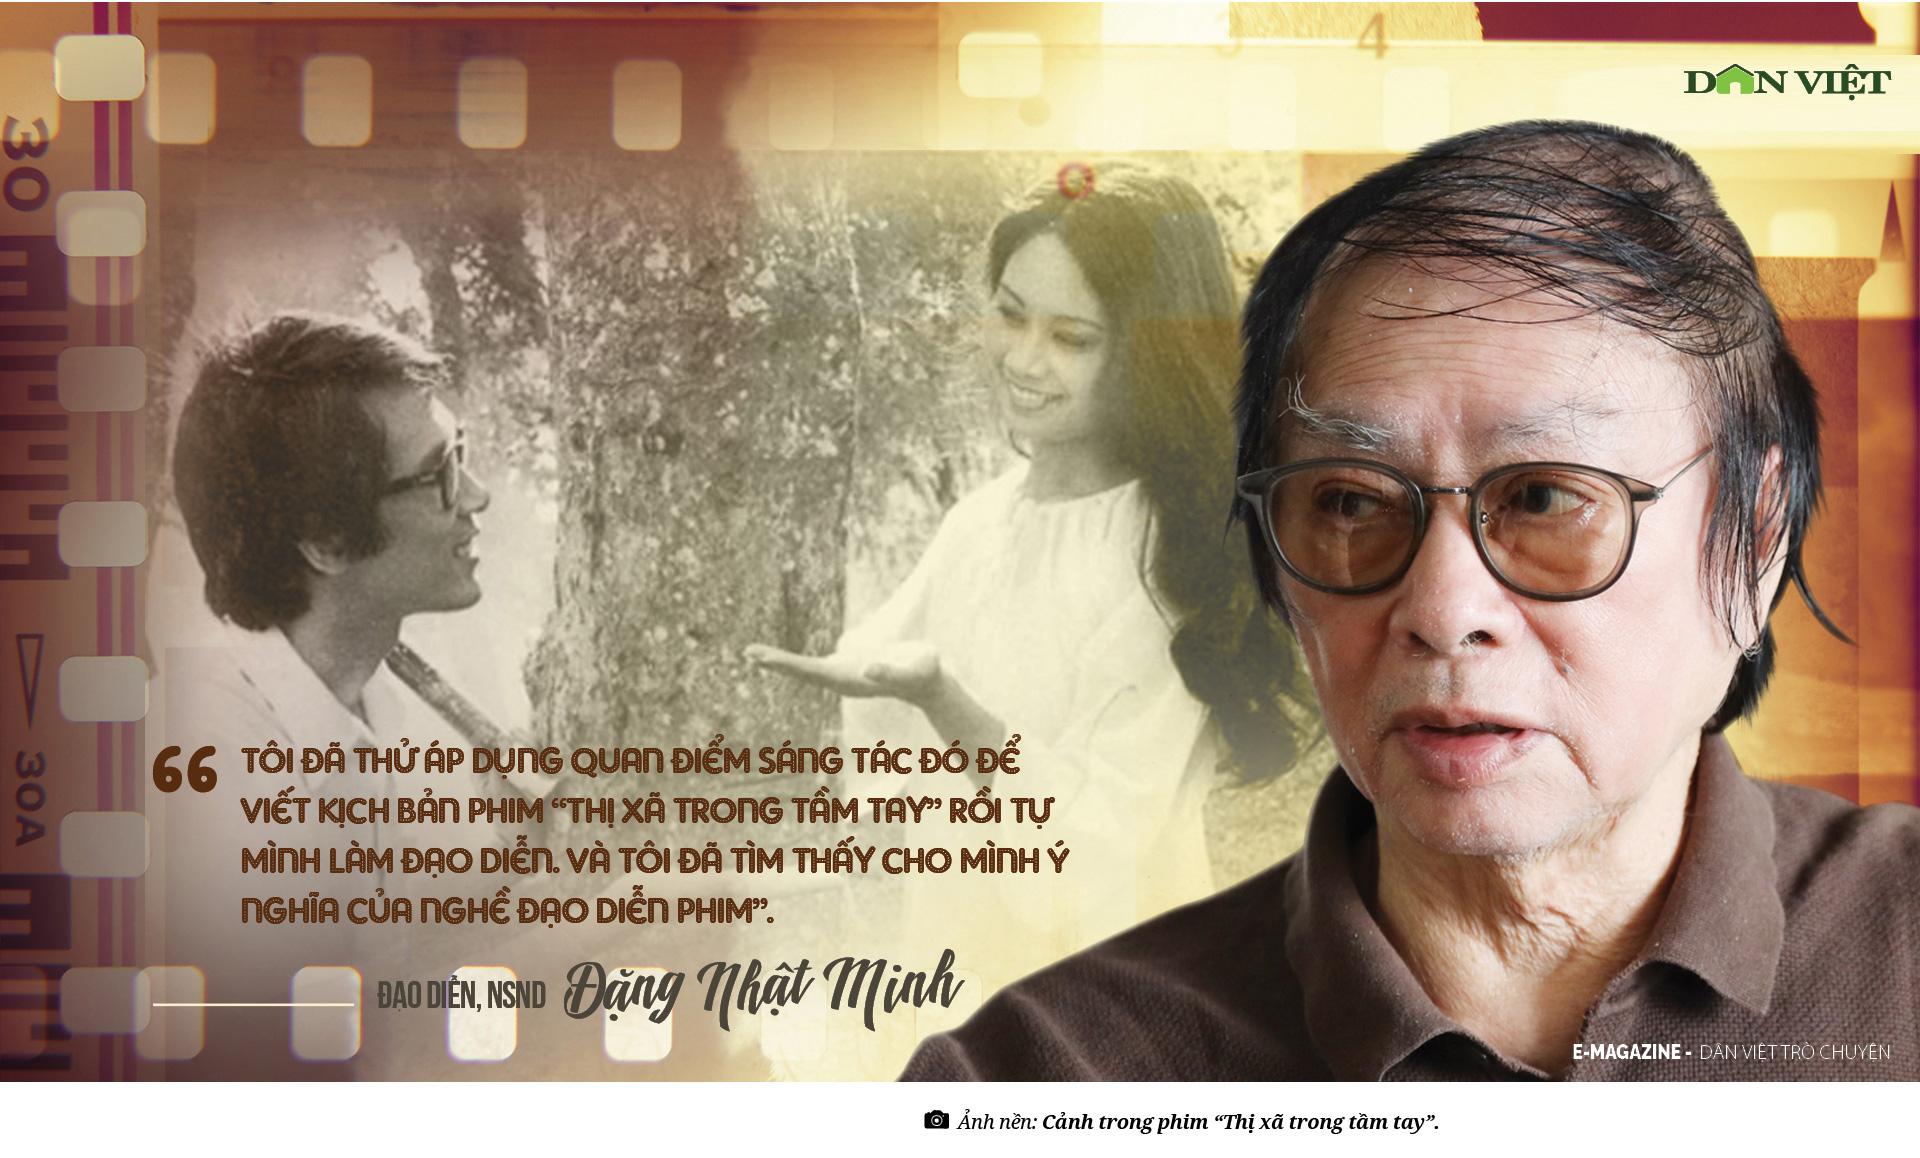 Đạo diễn NSND Đặng Nhật Minh – Nghề đạo diễn là cả một thế giới quan  - Ảnh 8.